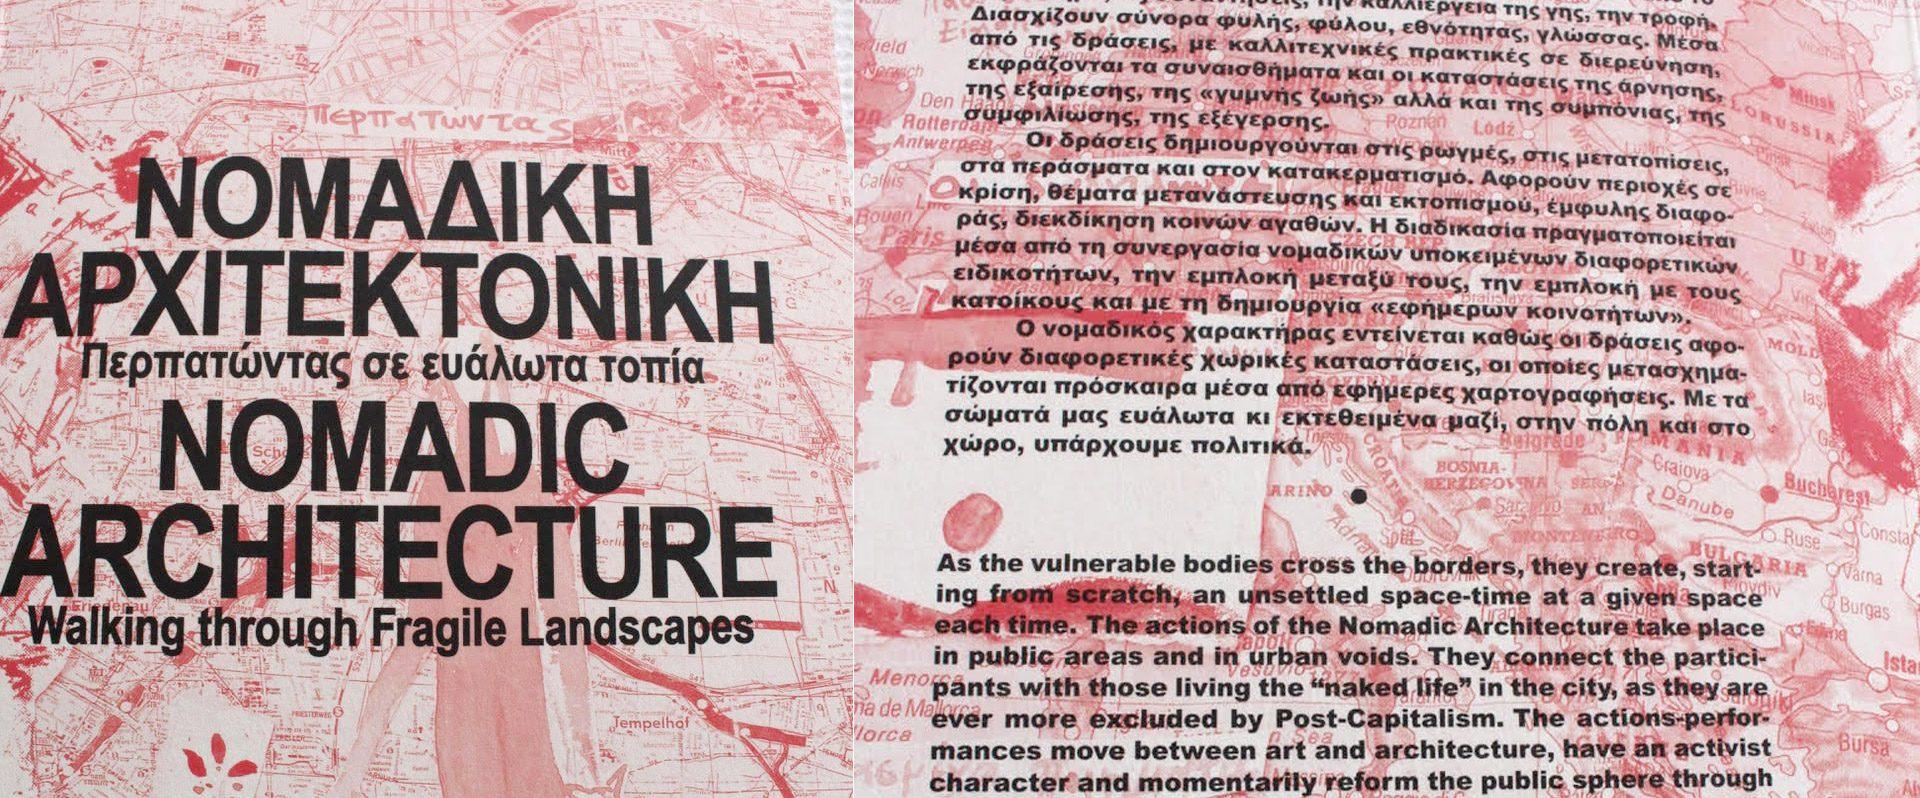 Νομαδική Αρχιτεκτονική. Περπατώντας σε ευάλωτα τοπία Η έκδοση περιέχει κείμενα και φωτογραφίες, τεκμήρια της δράσης του Δικτύου Νομαδικής Αρχιτεκτονικής τα τελευταία 12 χρόνια.